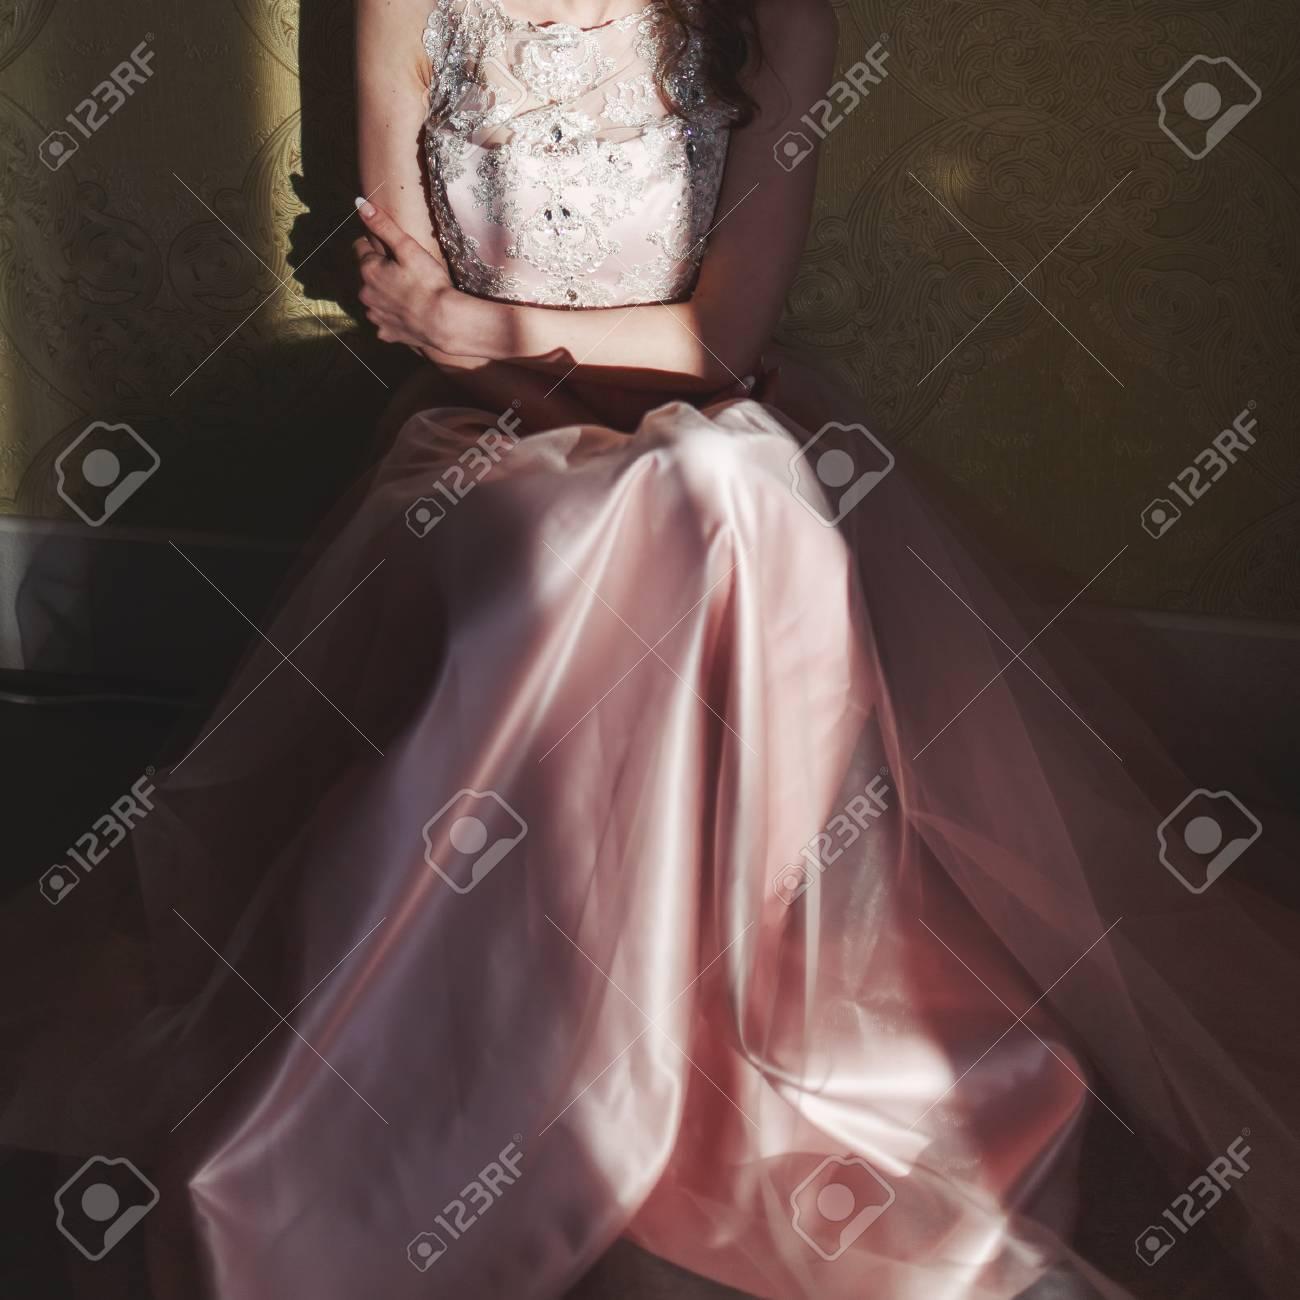 Teenage Mädchen Tragen Fancy Prom Rosa Kleid, Posiert Auf ...